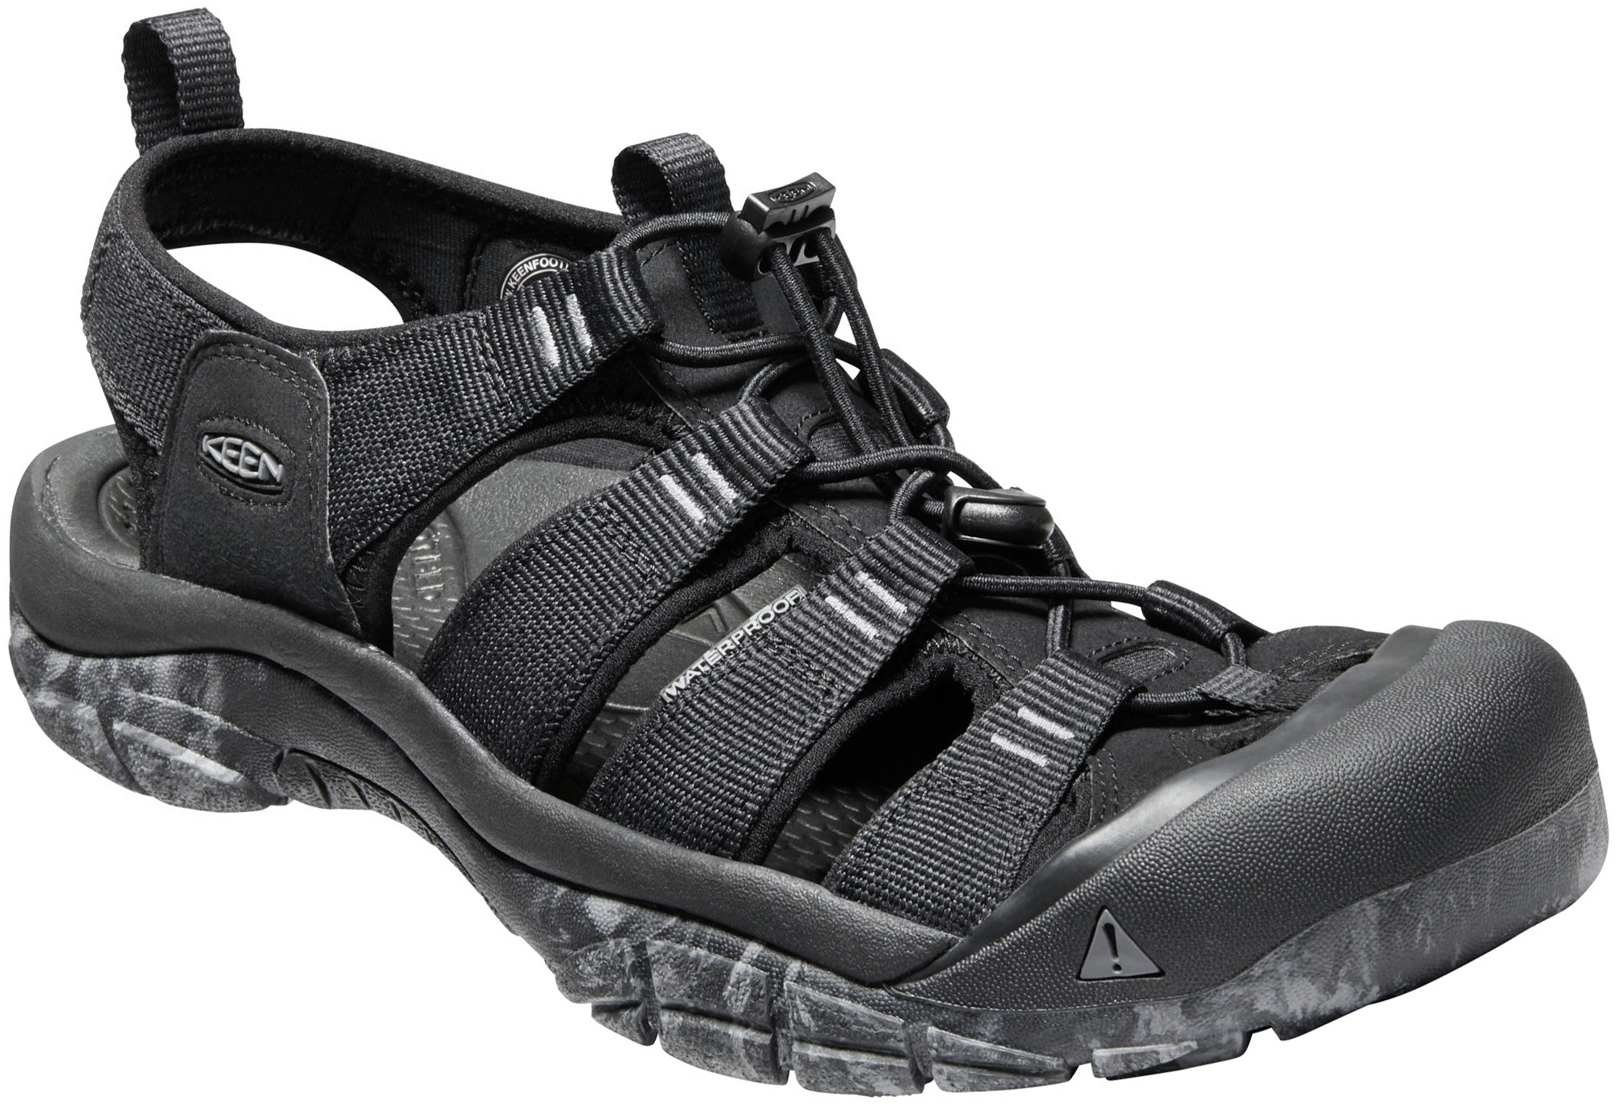 b7655505a10 Keen Footwear | MEC